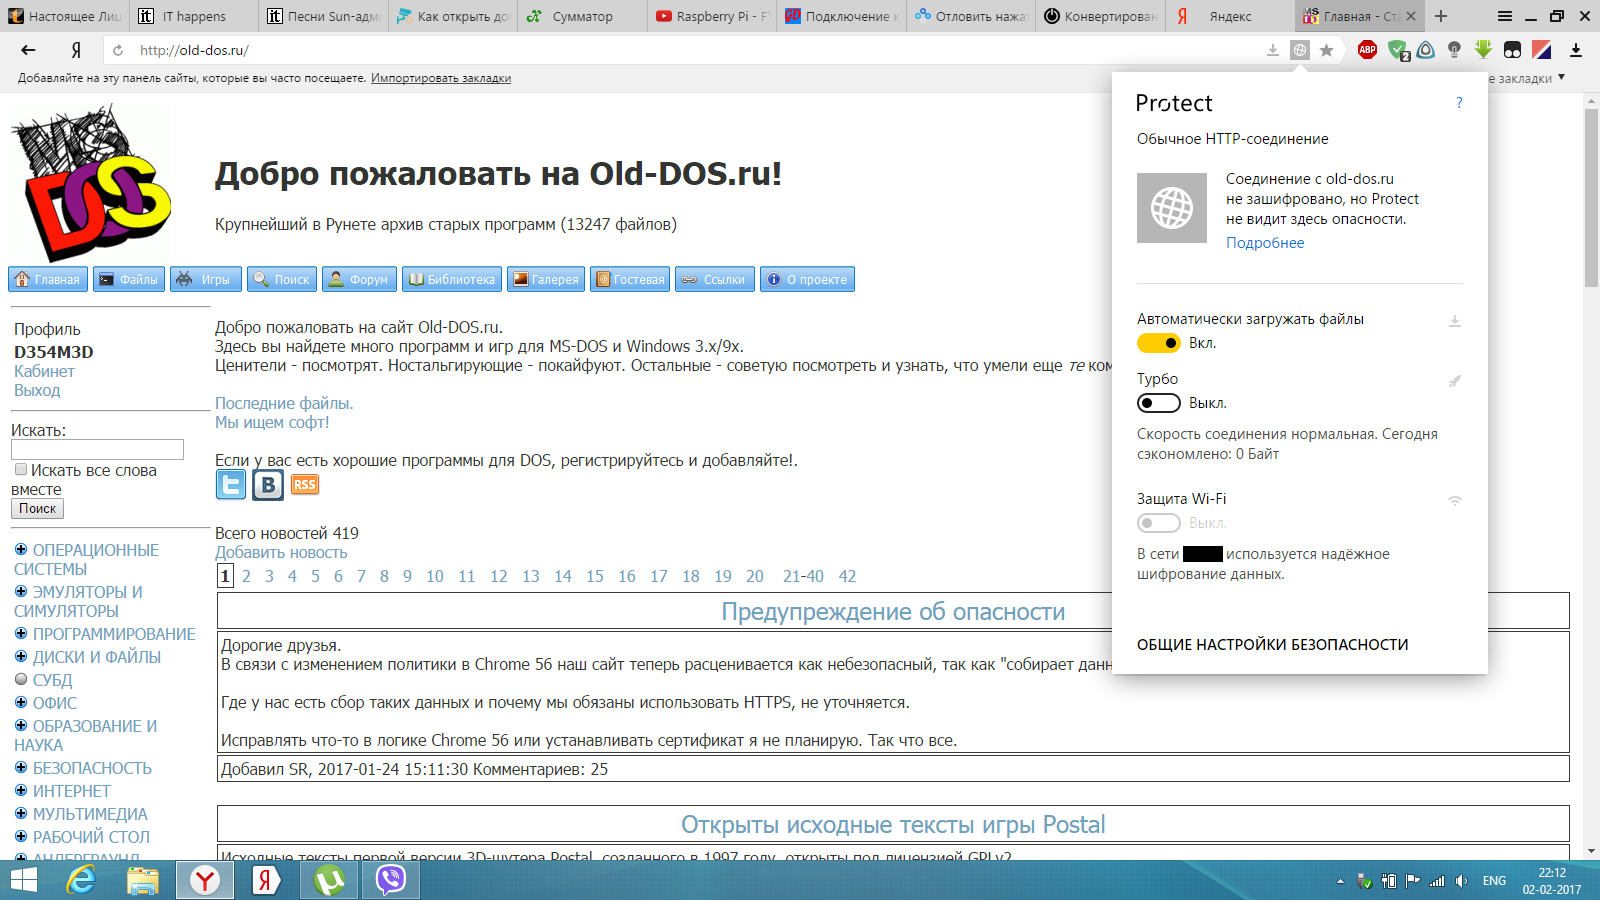 Как сделать шрифт в яндекс браузере крупнее